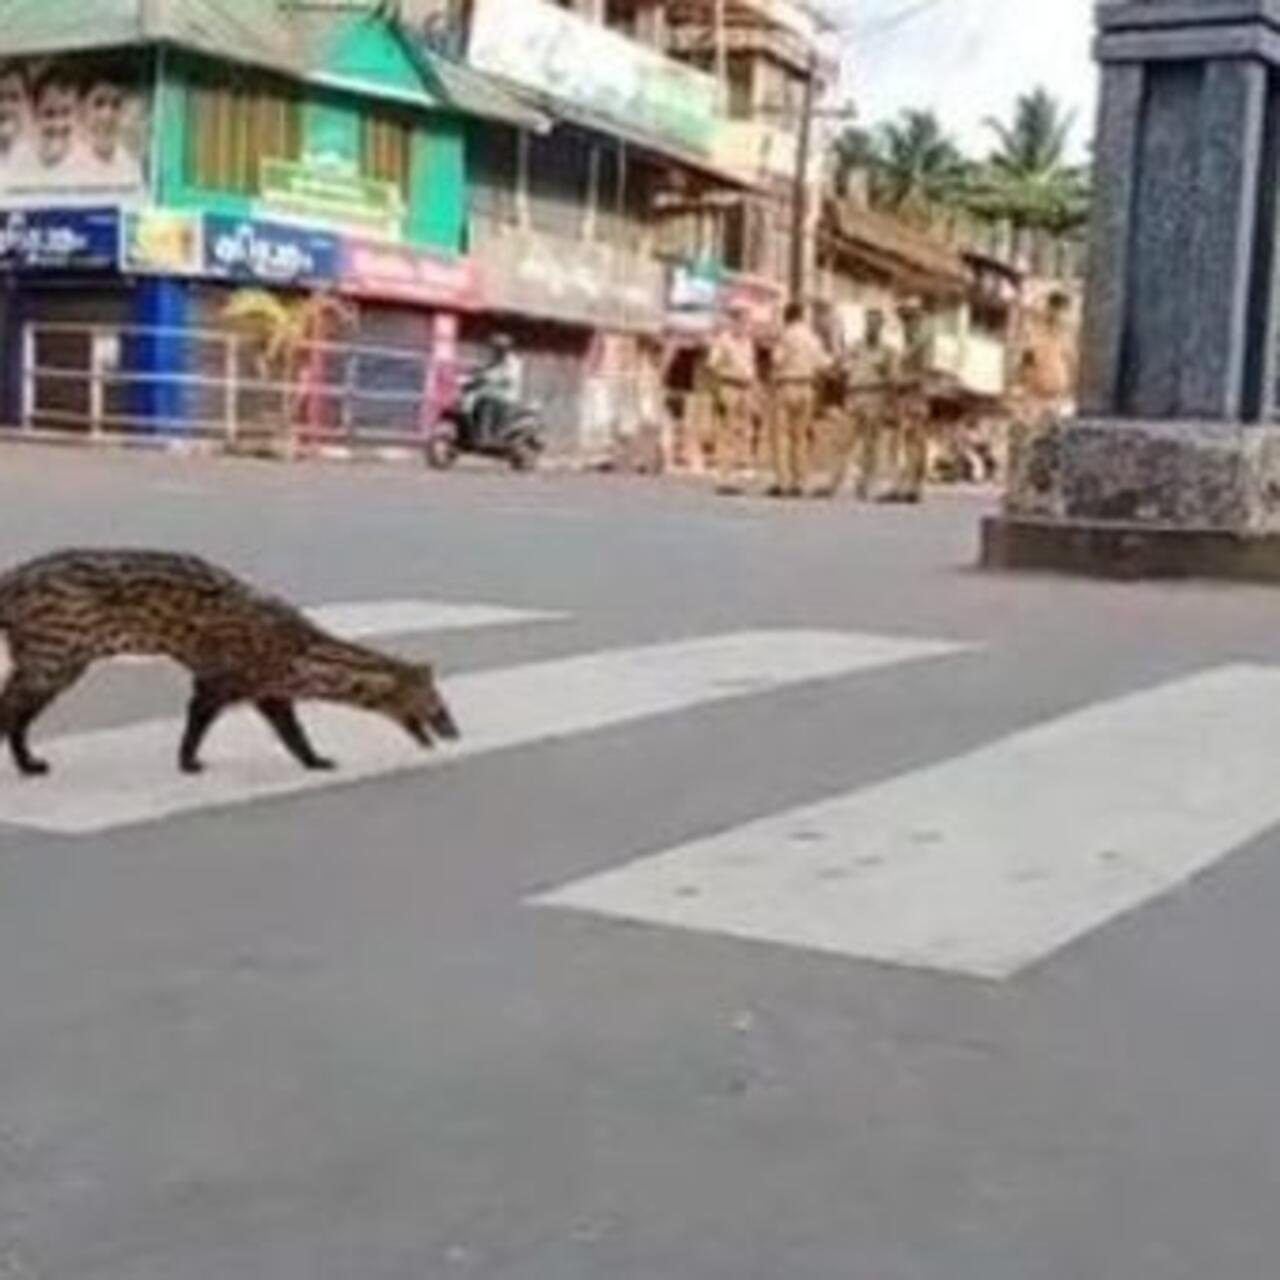 Wild Animals Wander Through Deserted Cities Under Covid 19 Lockdown